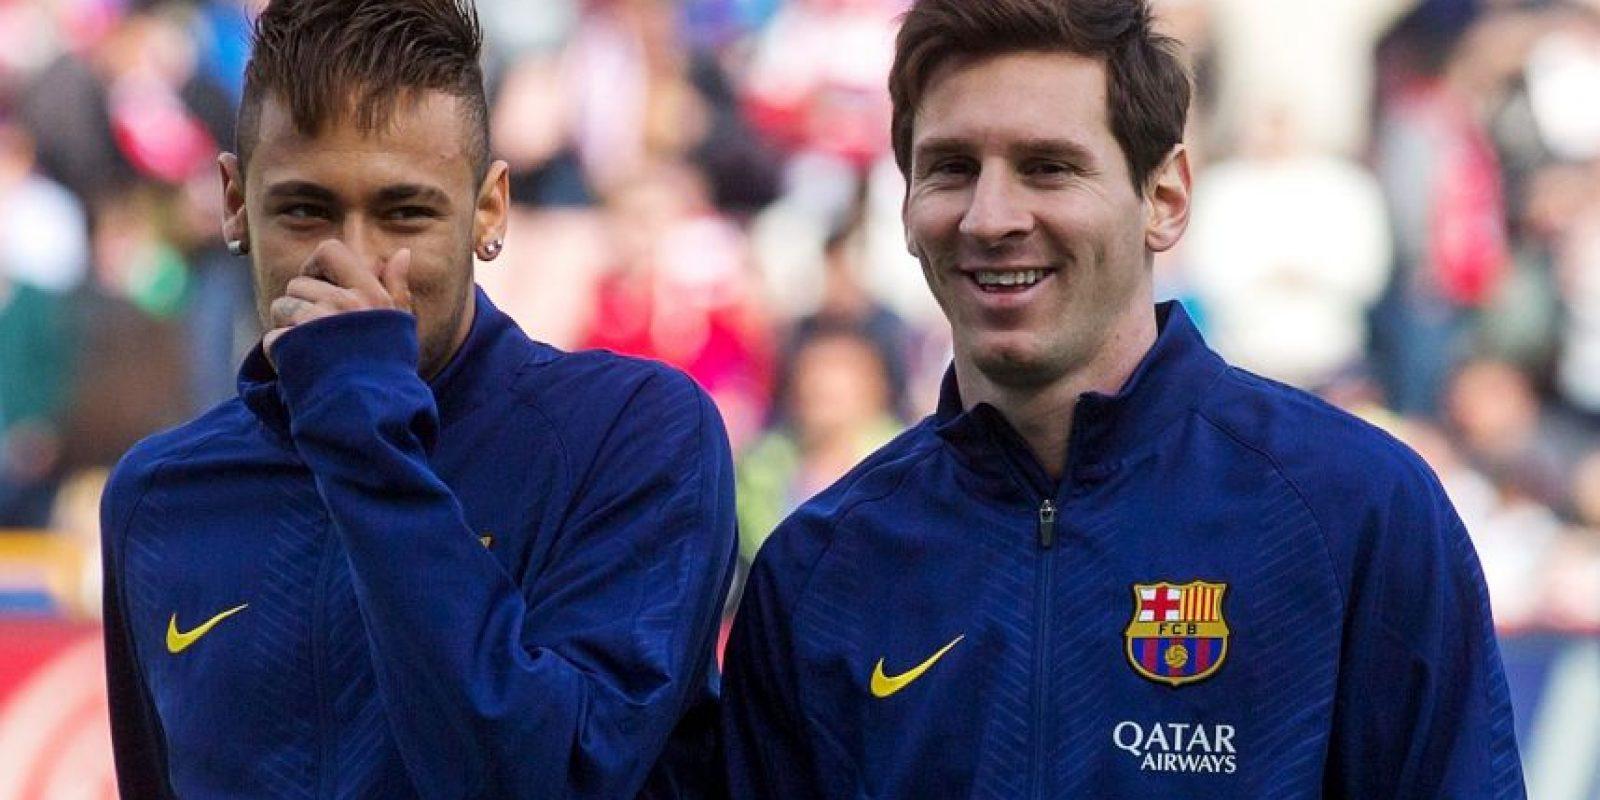 Neymar es considerado en la actualidad, uno de los mejores futbolistas del mundo. Foto:Getty Images